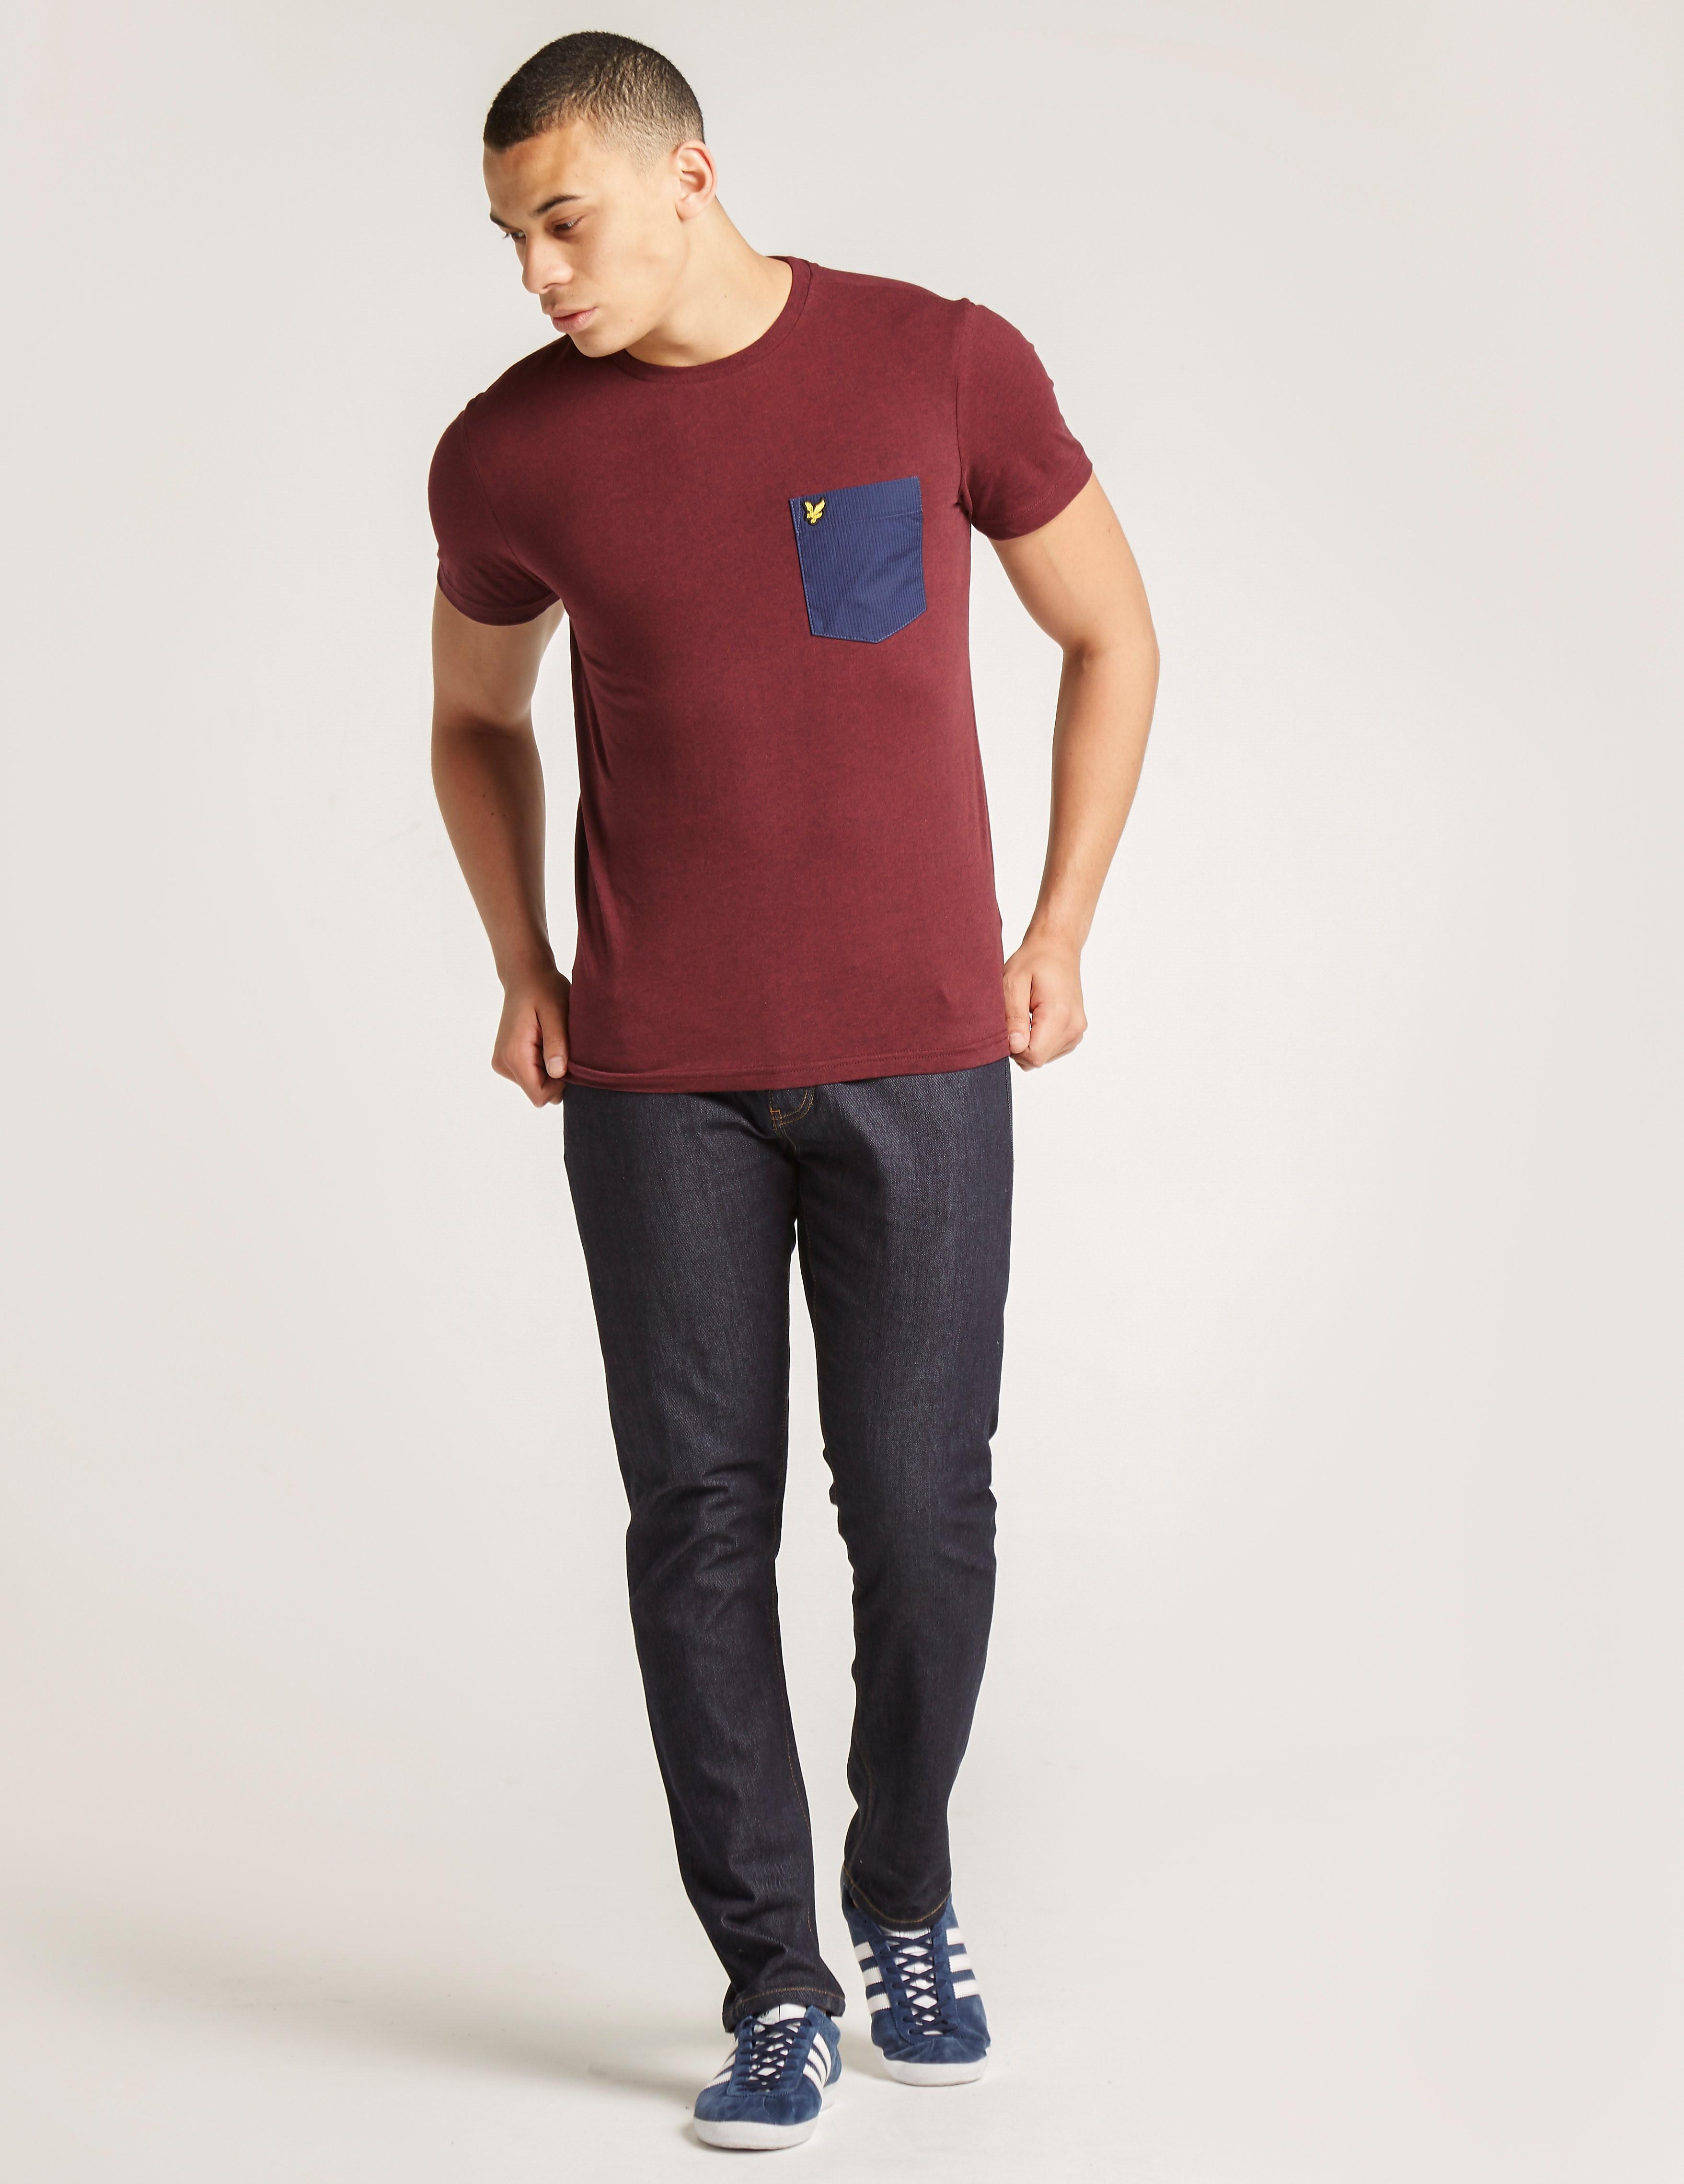 Lyle & Scott Pin Dot Pocket T-Shirt